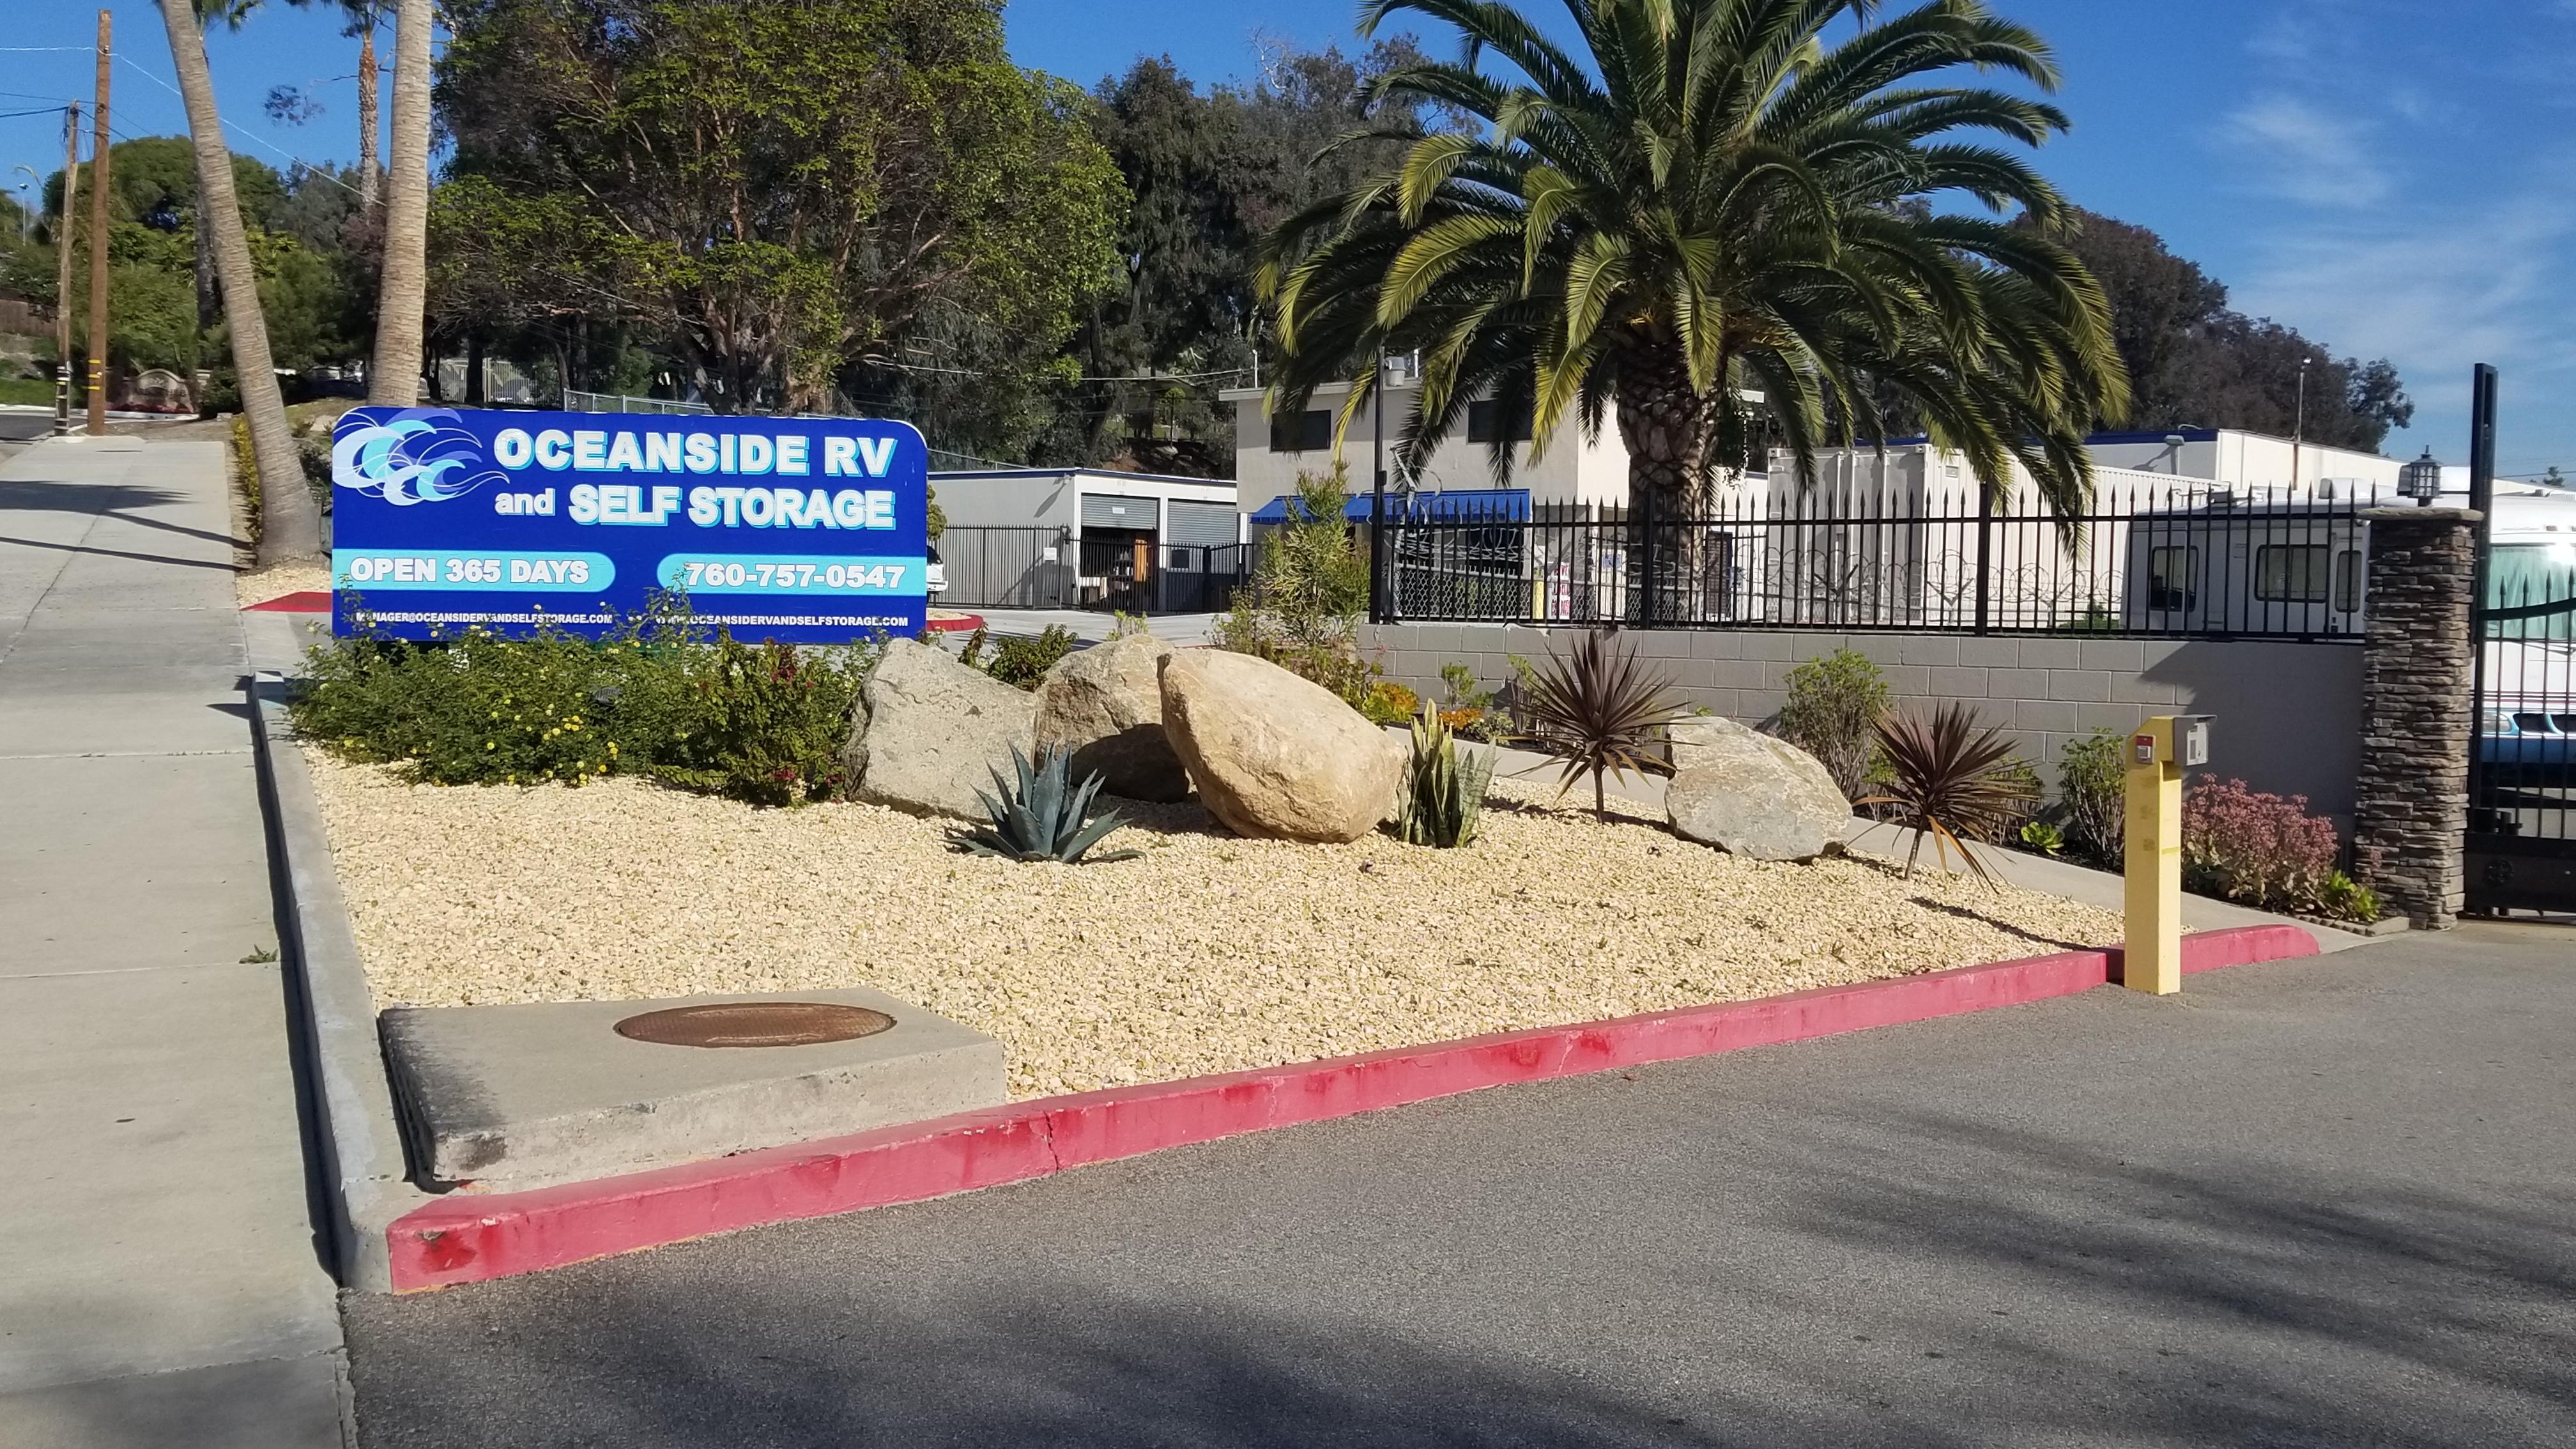 Self-Storage Office in Oceanside, CA 92054